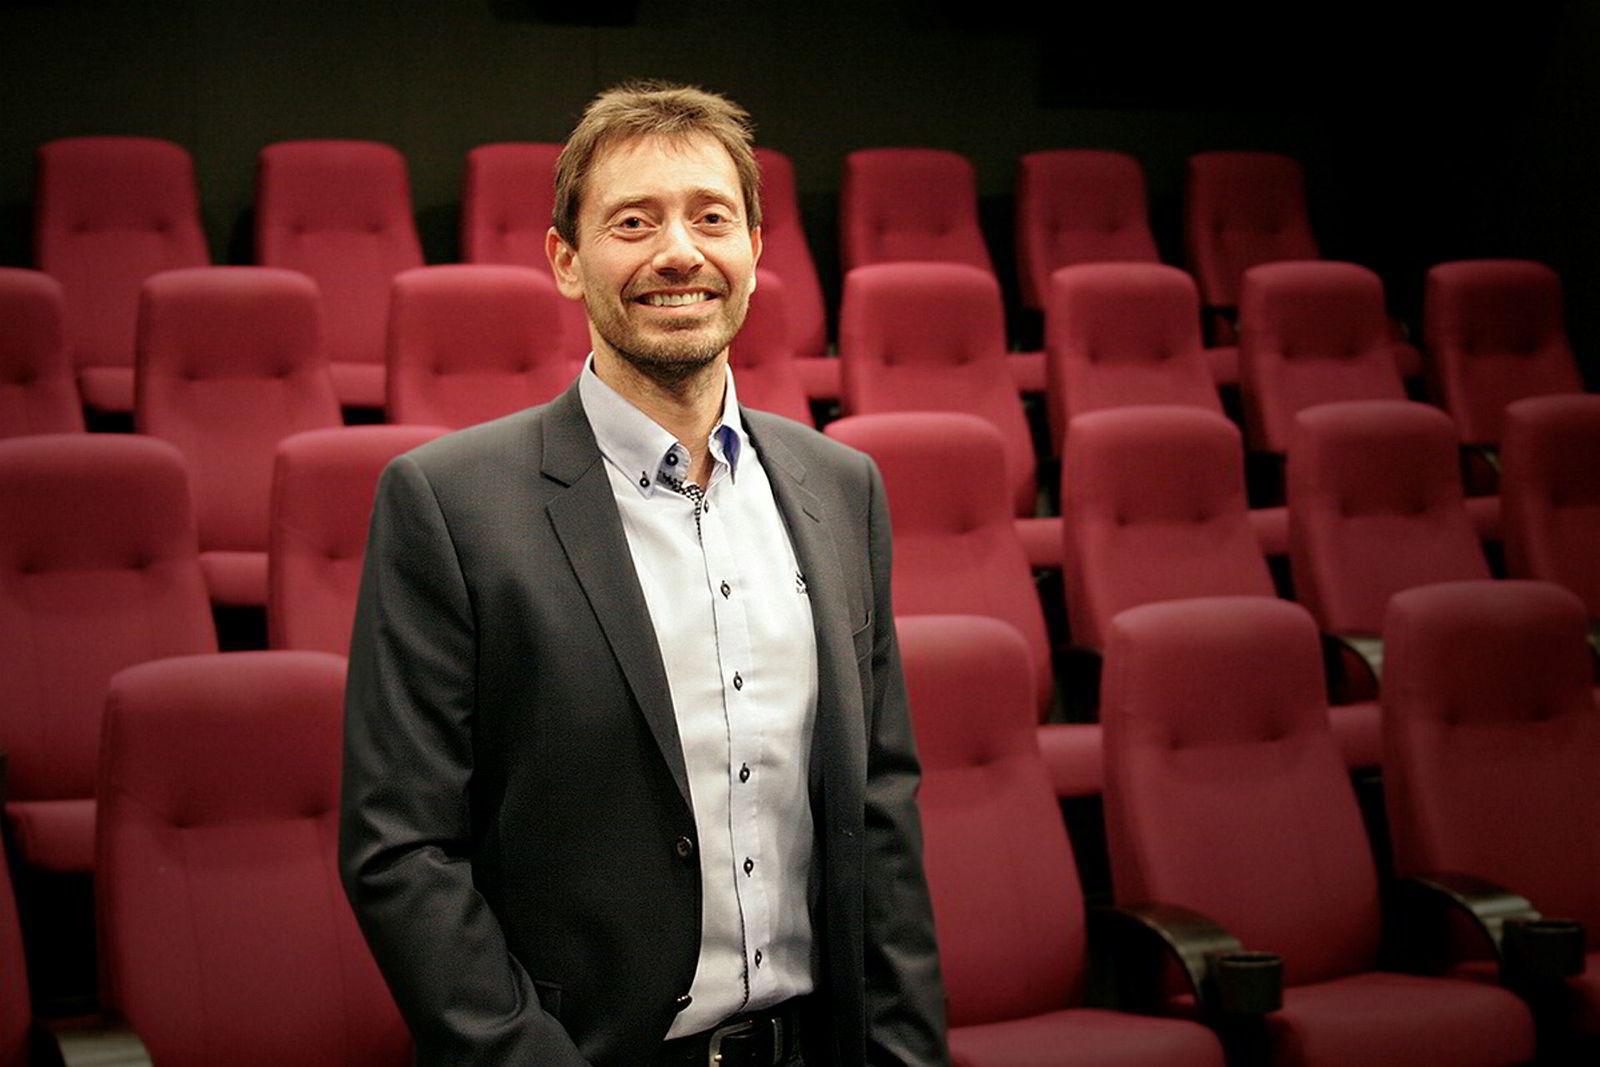 Administrerende direktør Ronny Lieblein i Media Direct Norge, markedsleder på kinoreklame i Norge, sier Karpe Diem ikke har skapt storinnrykk av annonsører.